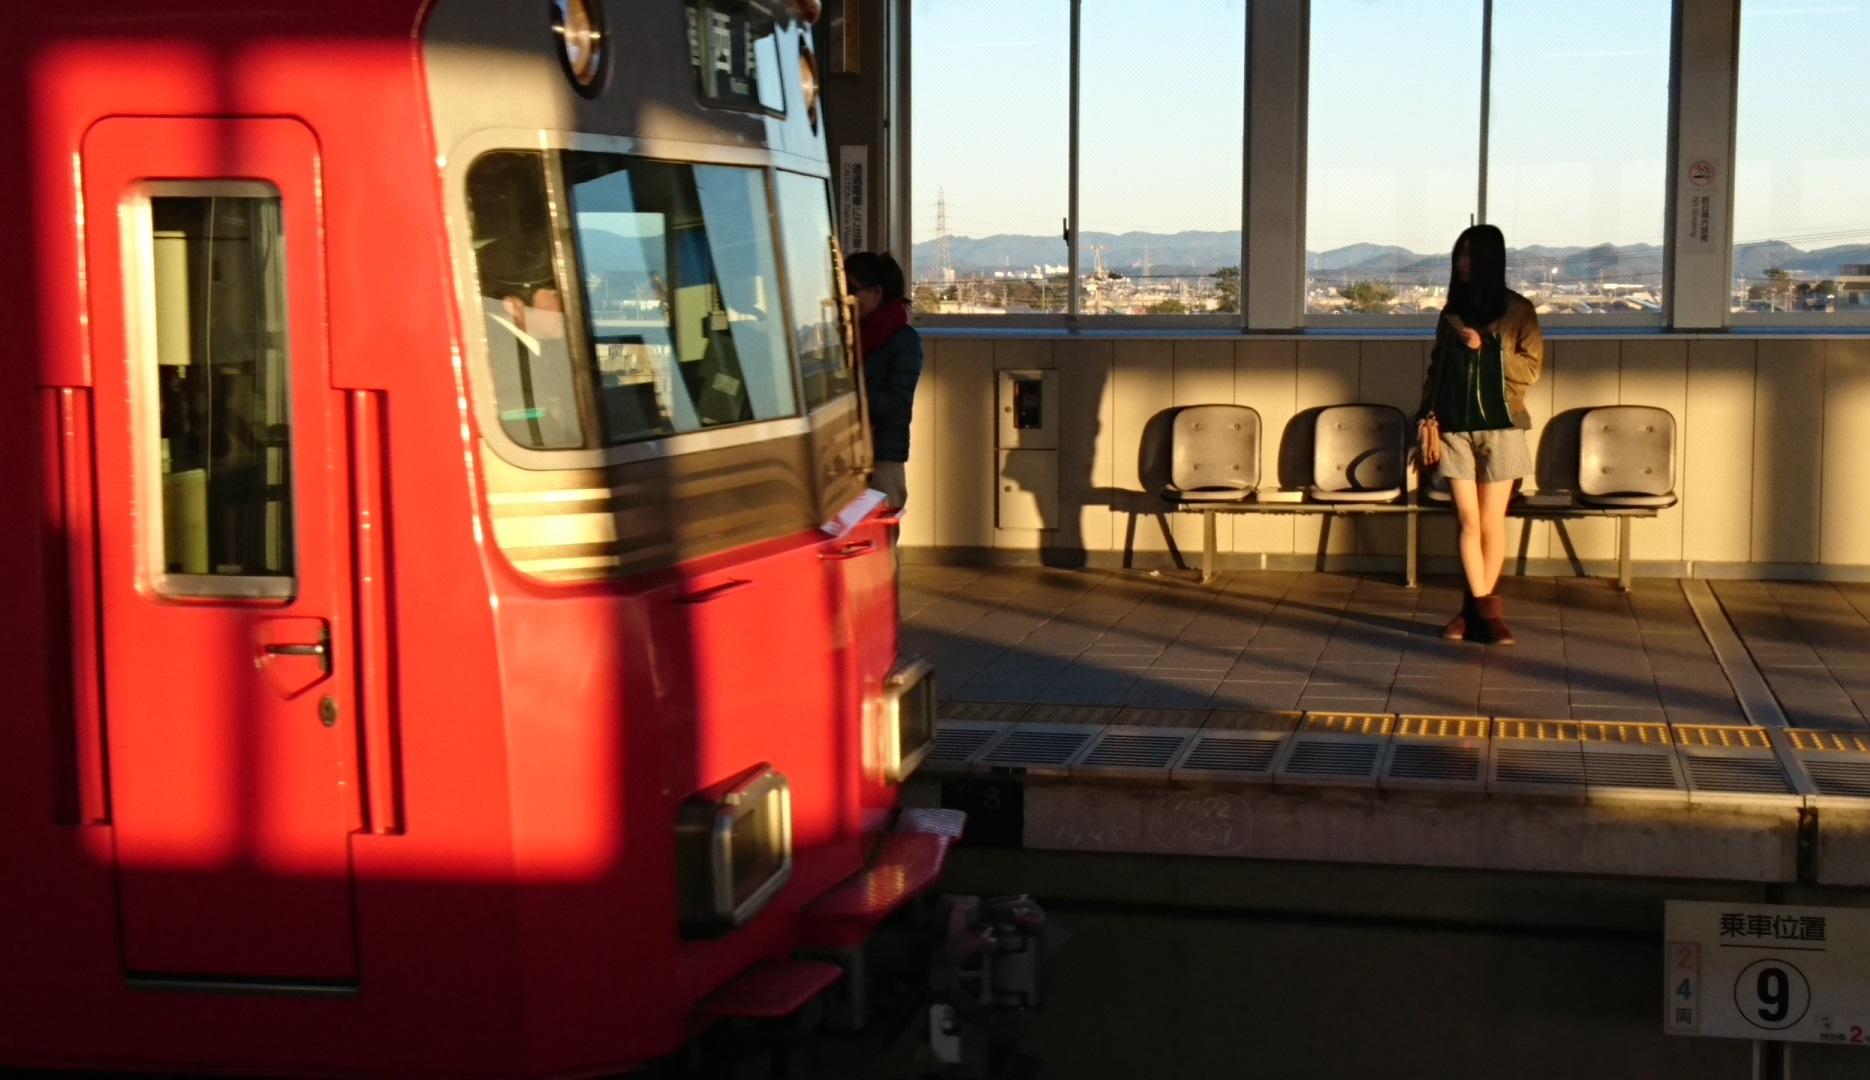 2016.12.30 のりおさめ (4) 桜井 - 西尾いきふつう 1870-1080